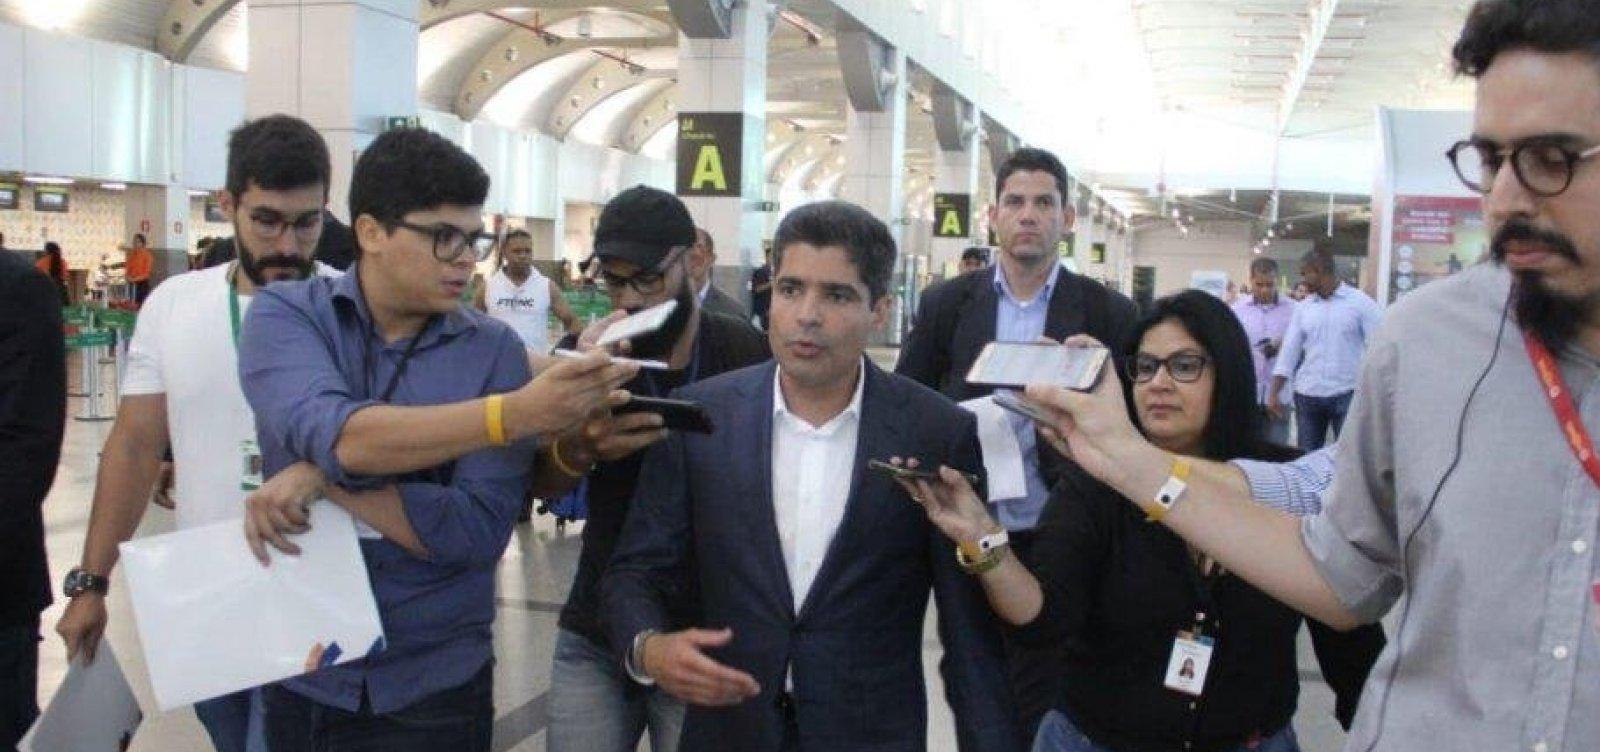 [ACM Neto vai novamente a Brasília e terá reunião com ministro do DEM]